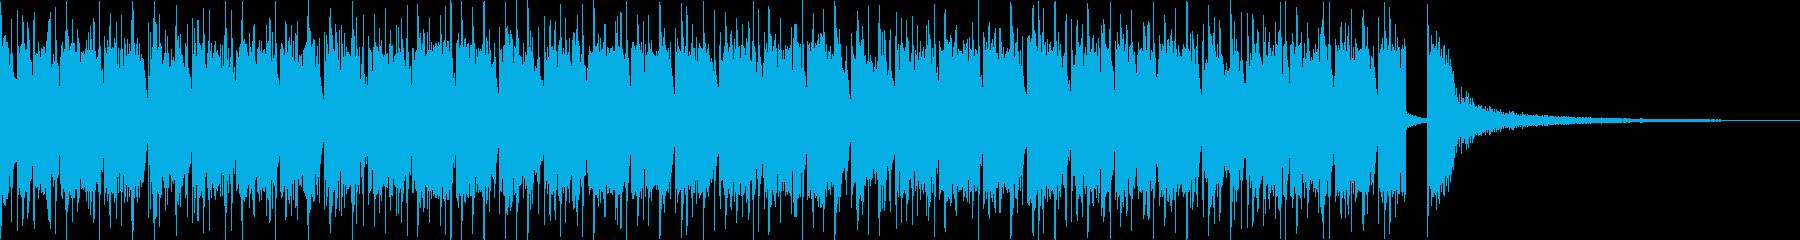 三味線+鼓 疾走感和風80'sエレクトロの再生済みの波形